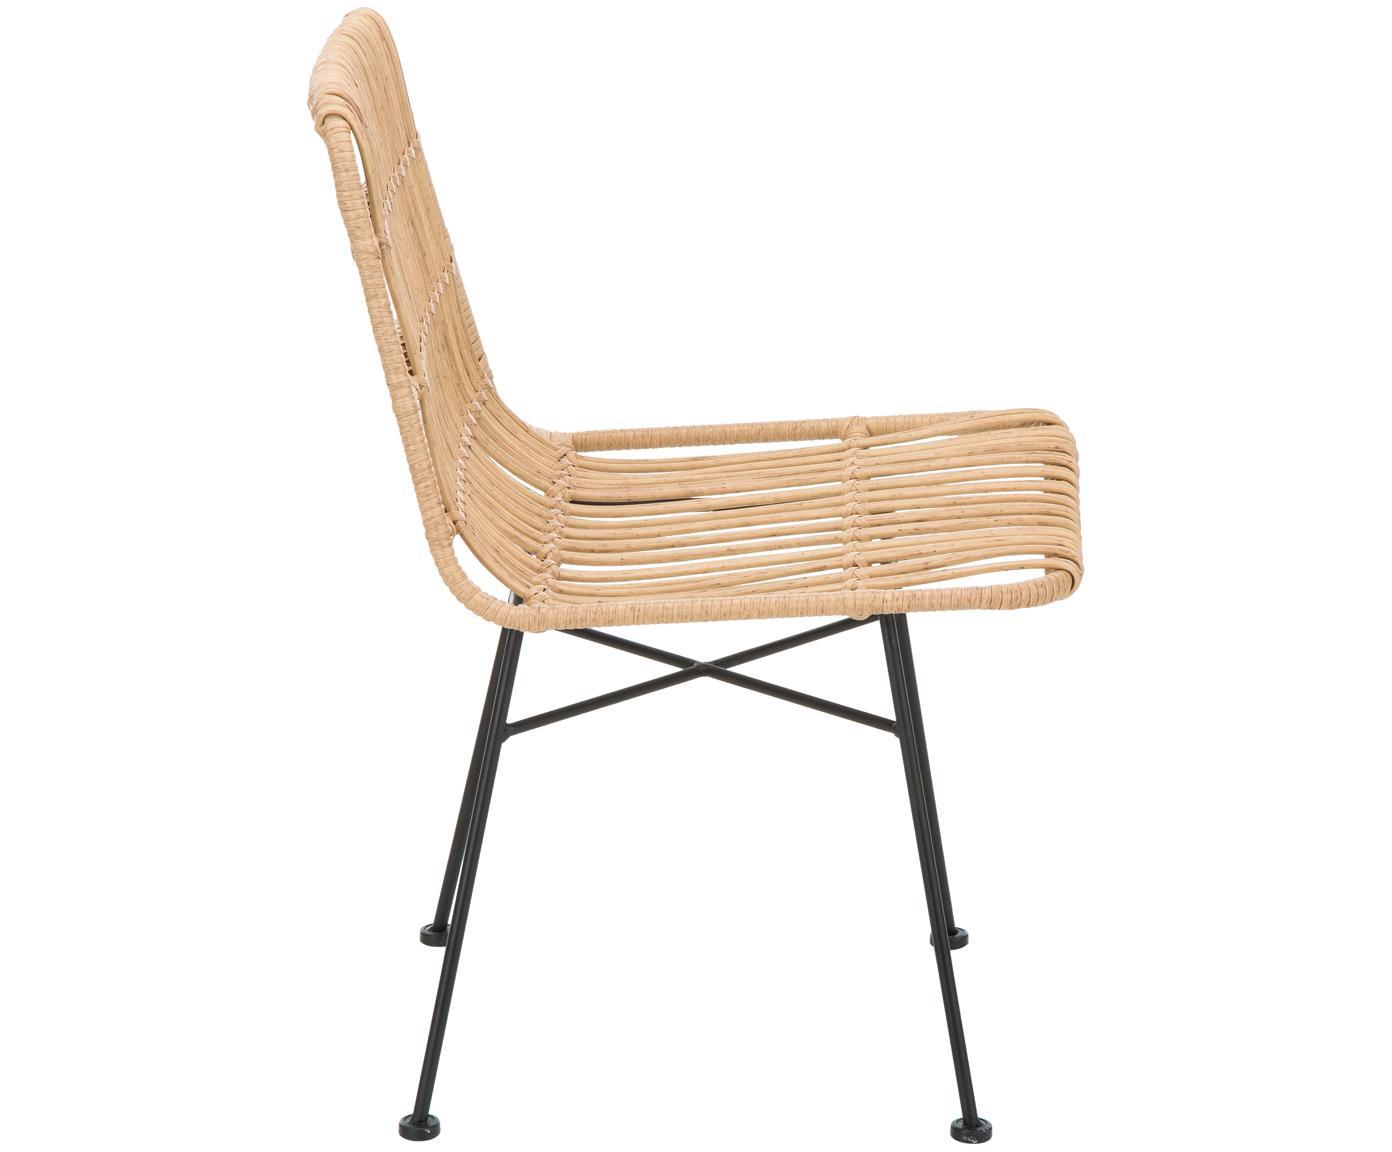 Polyrattan-Stühle Costa, 2 Stück, Sitzfläche: Polyethylen-Geflecht, Gestell: Metall, pulverbeschichtet, Hellbraun, Beine Schwarz, B 47 x T 62 cm